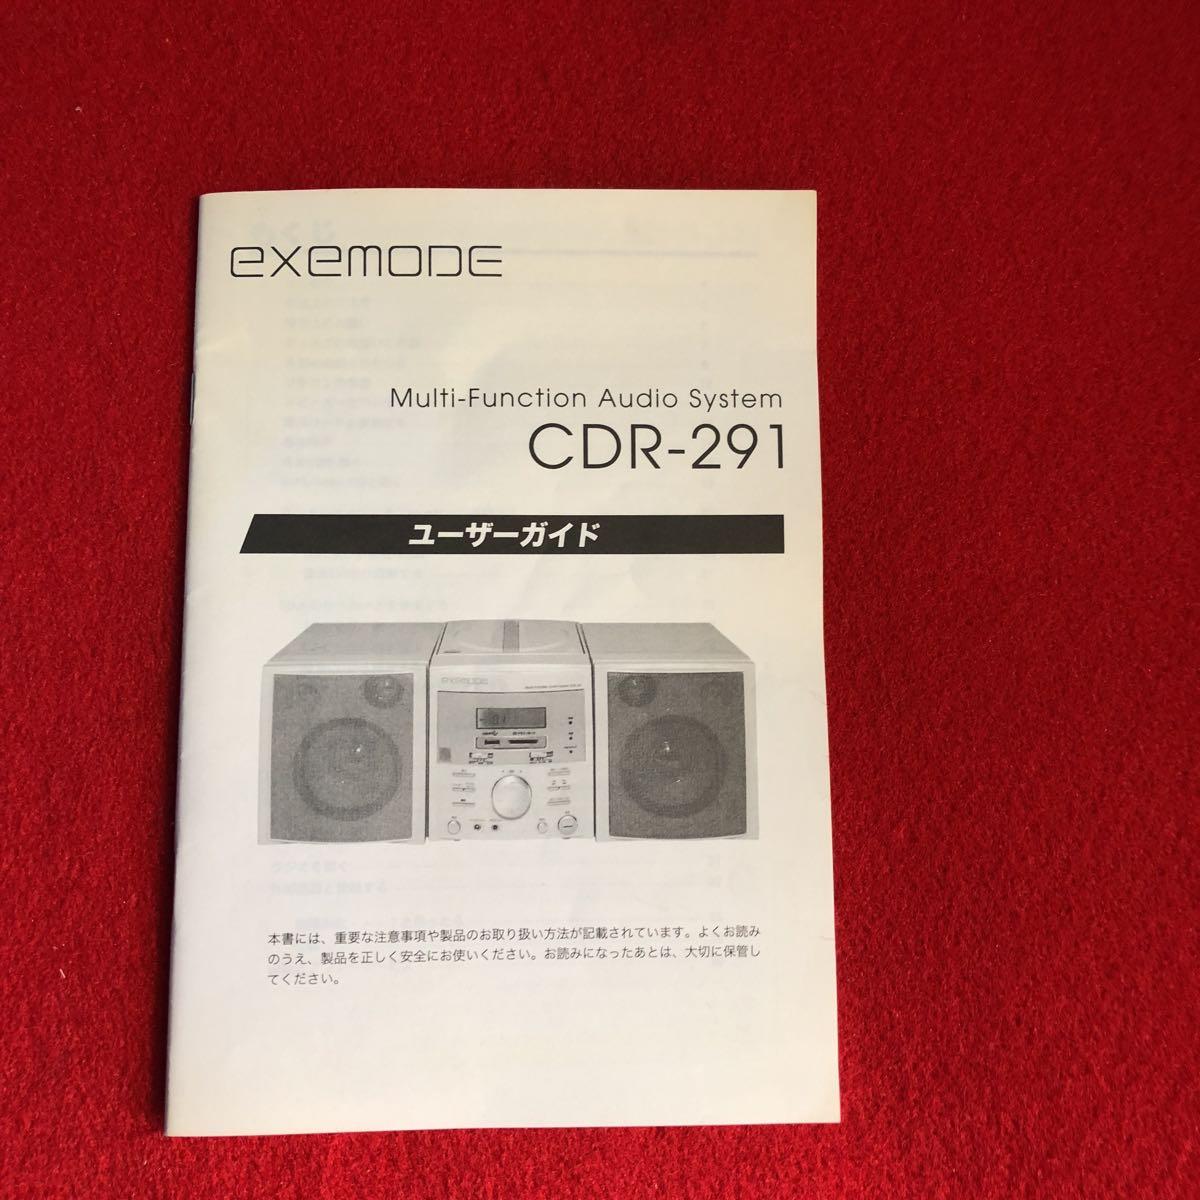 【ジャンク扱い】KEF JAPAN SD / CD ミニコンポ CDR-291 【管理番号C-13】_画像9